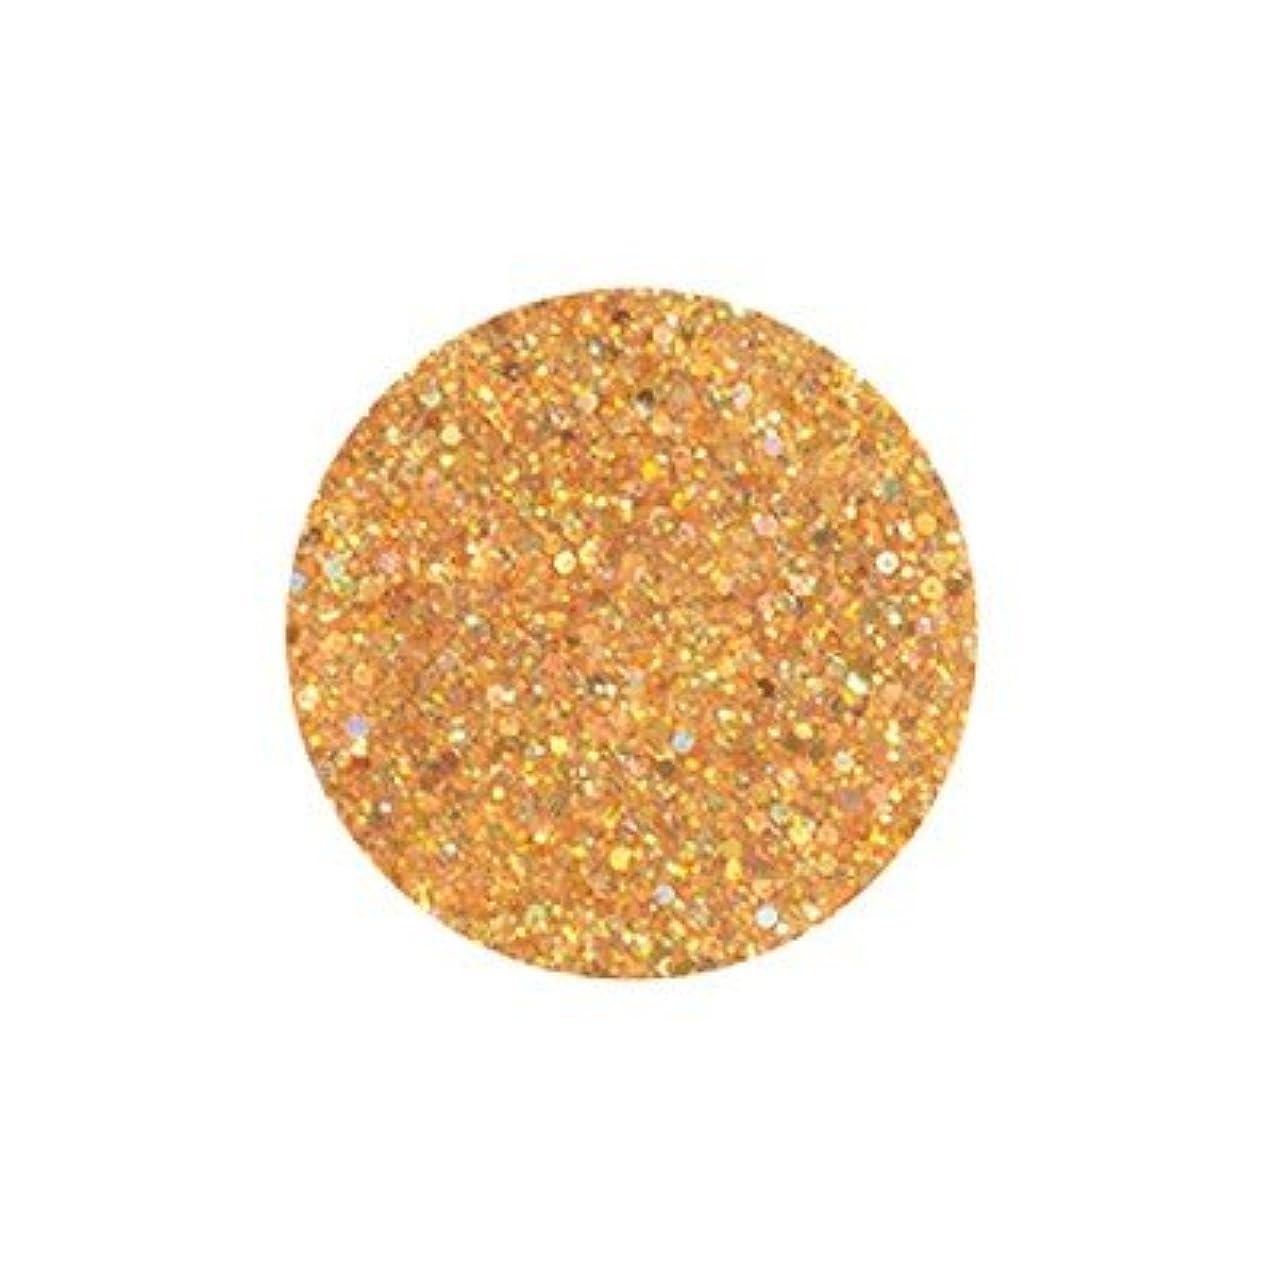 本同情カップFANTASY NAIL ダイヤモンドコレクション 3g 4254XS カラーパウダー アート材